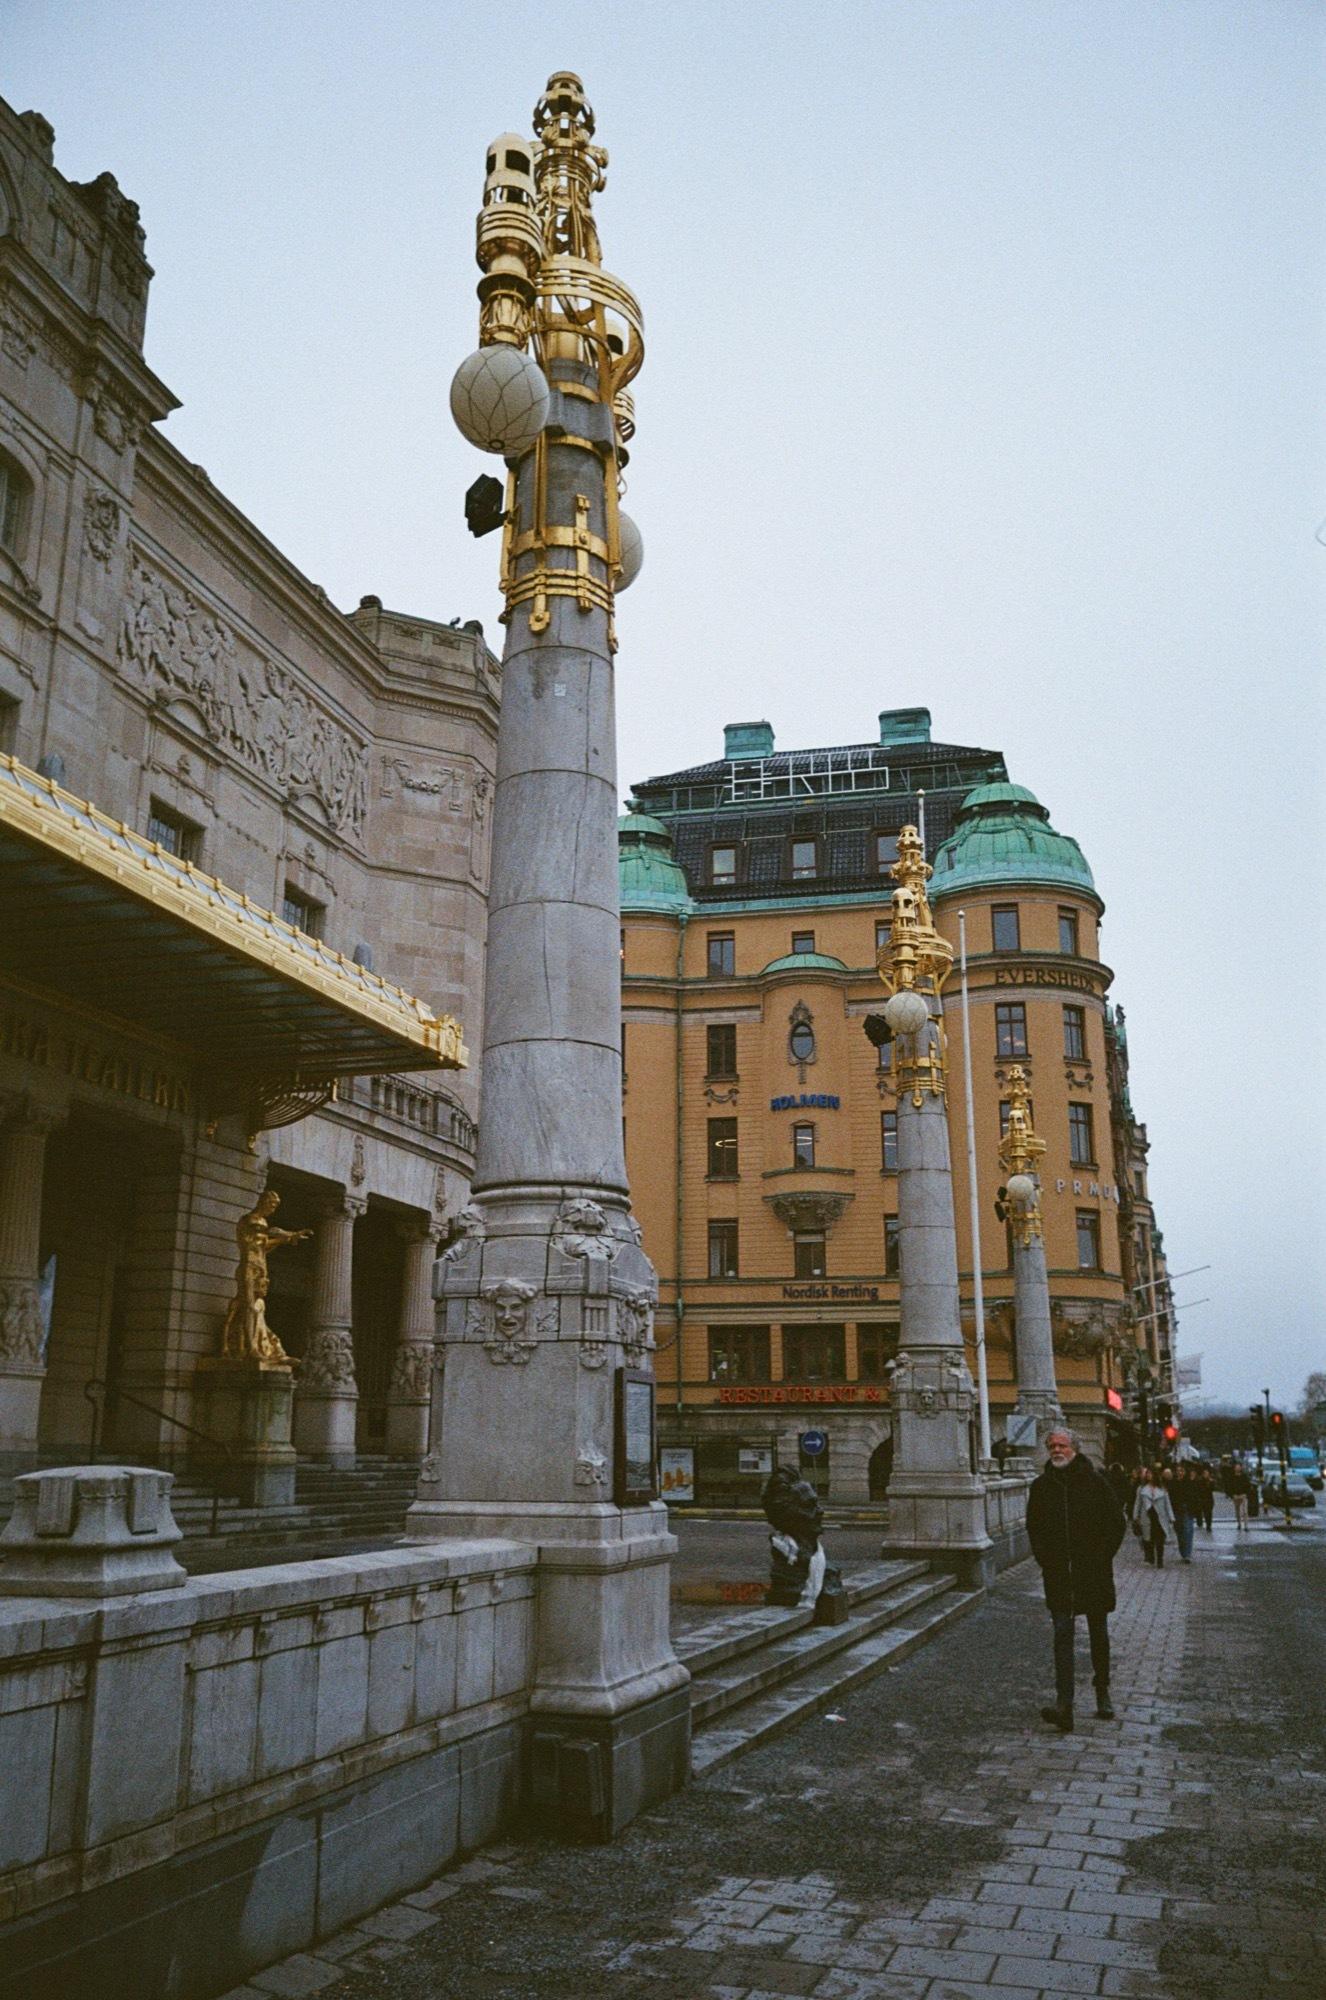 cameraville_leica_mda_stockholm_avenon_28mm_kodak_gold_400_8.jpg